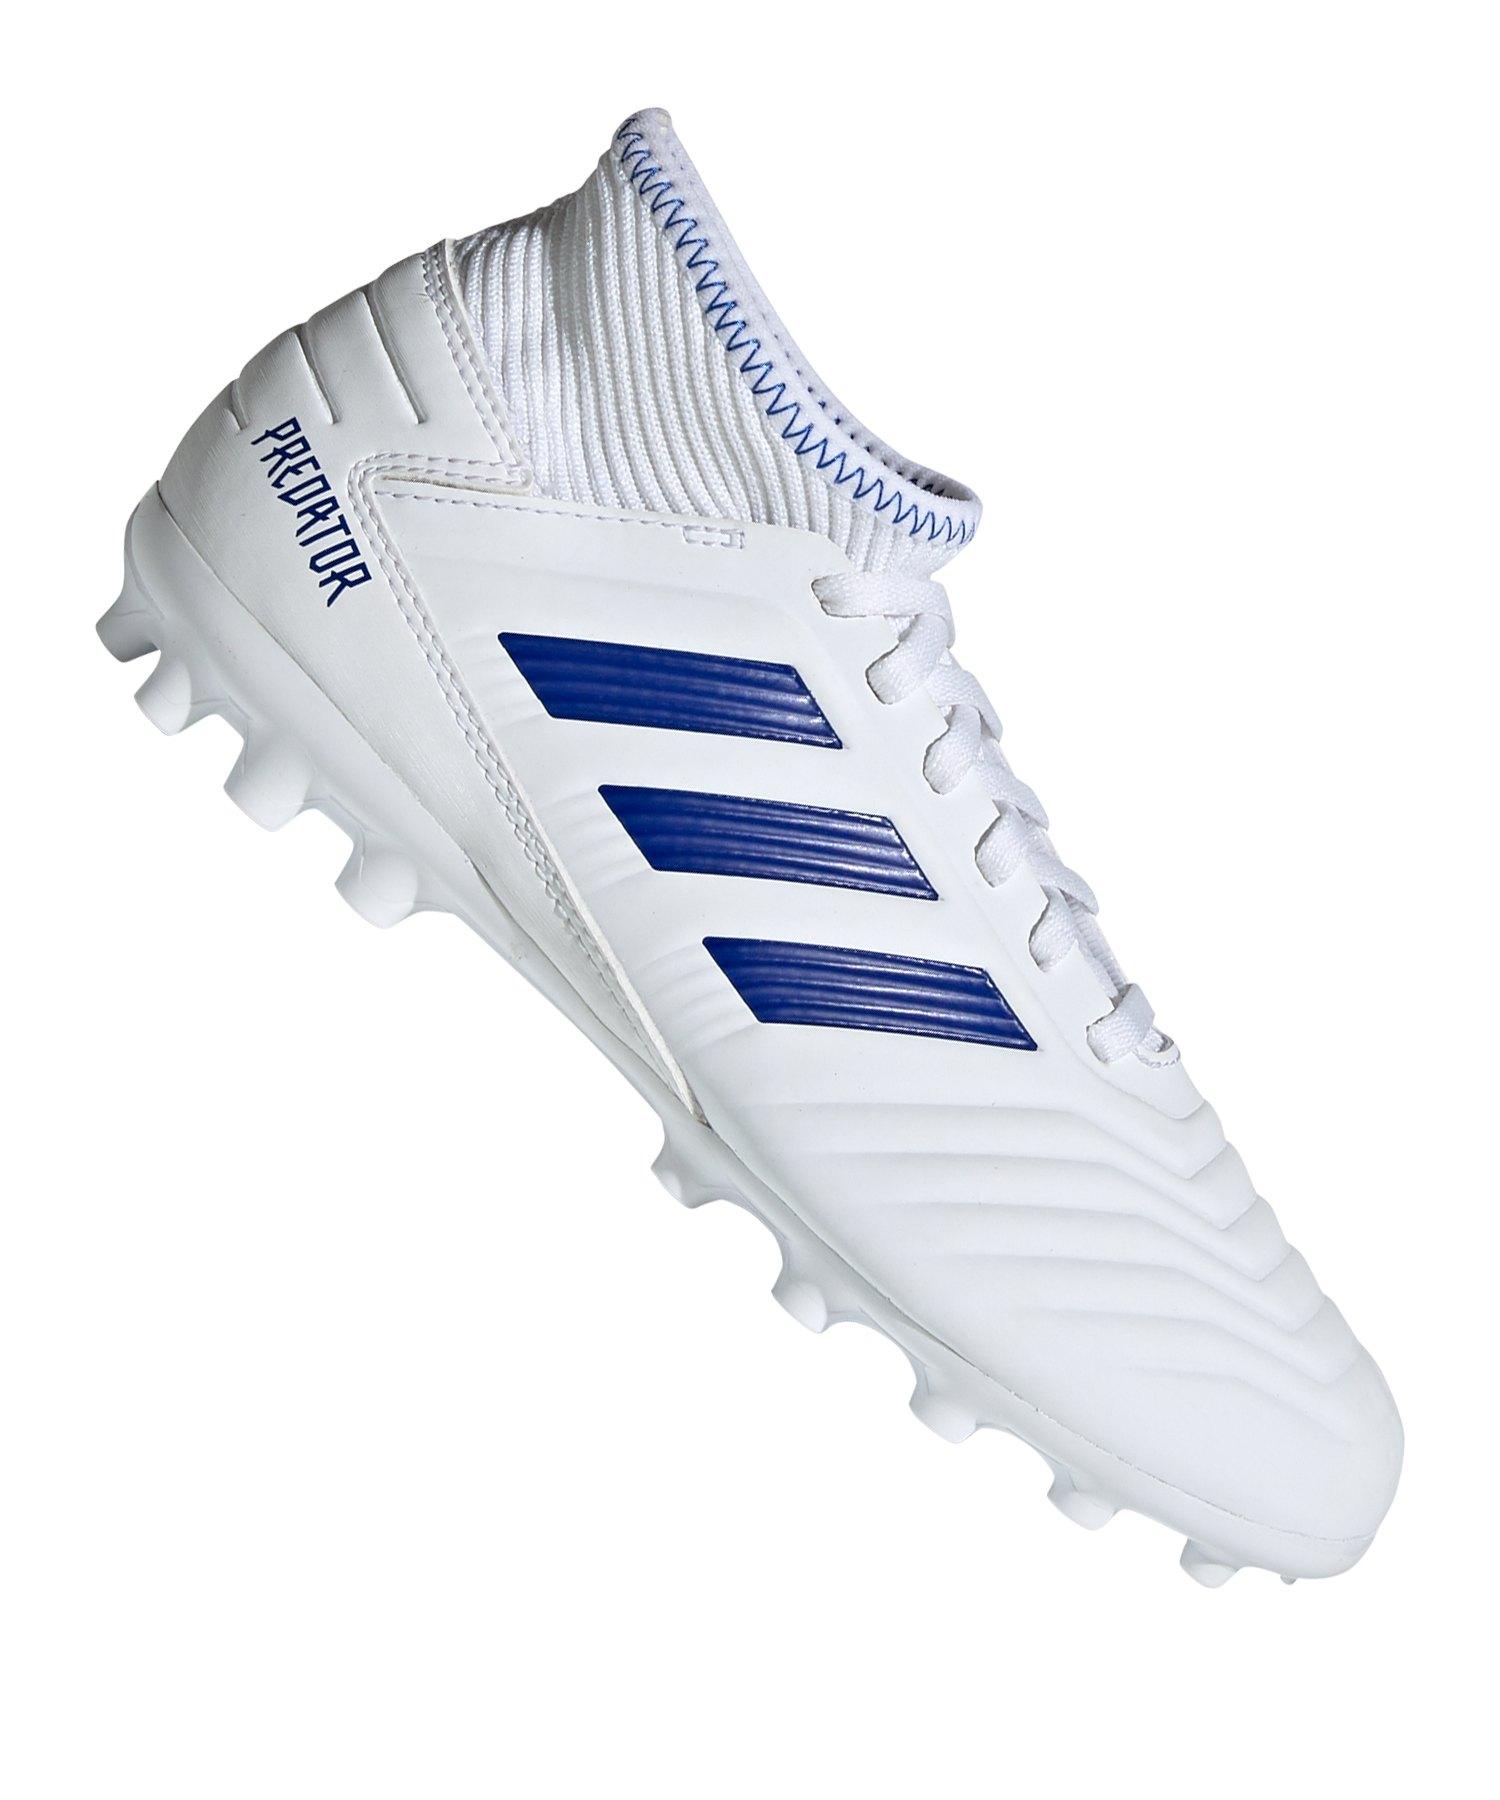 adidas Fußballschuh Predator 19.3 TF Kunstrasen weißblau